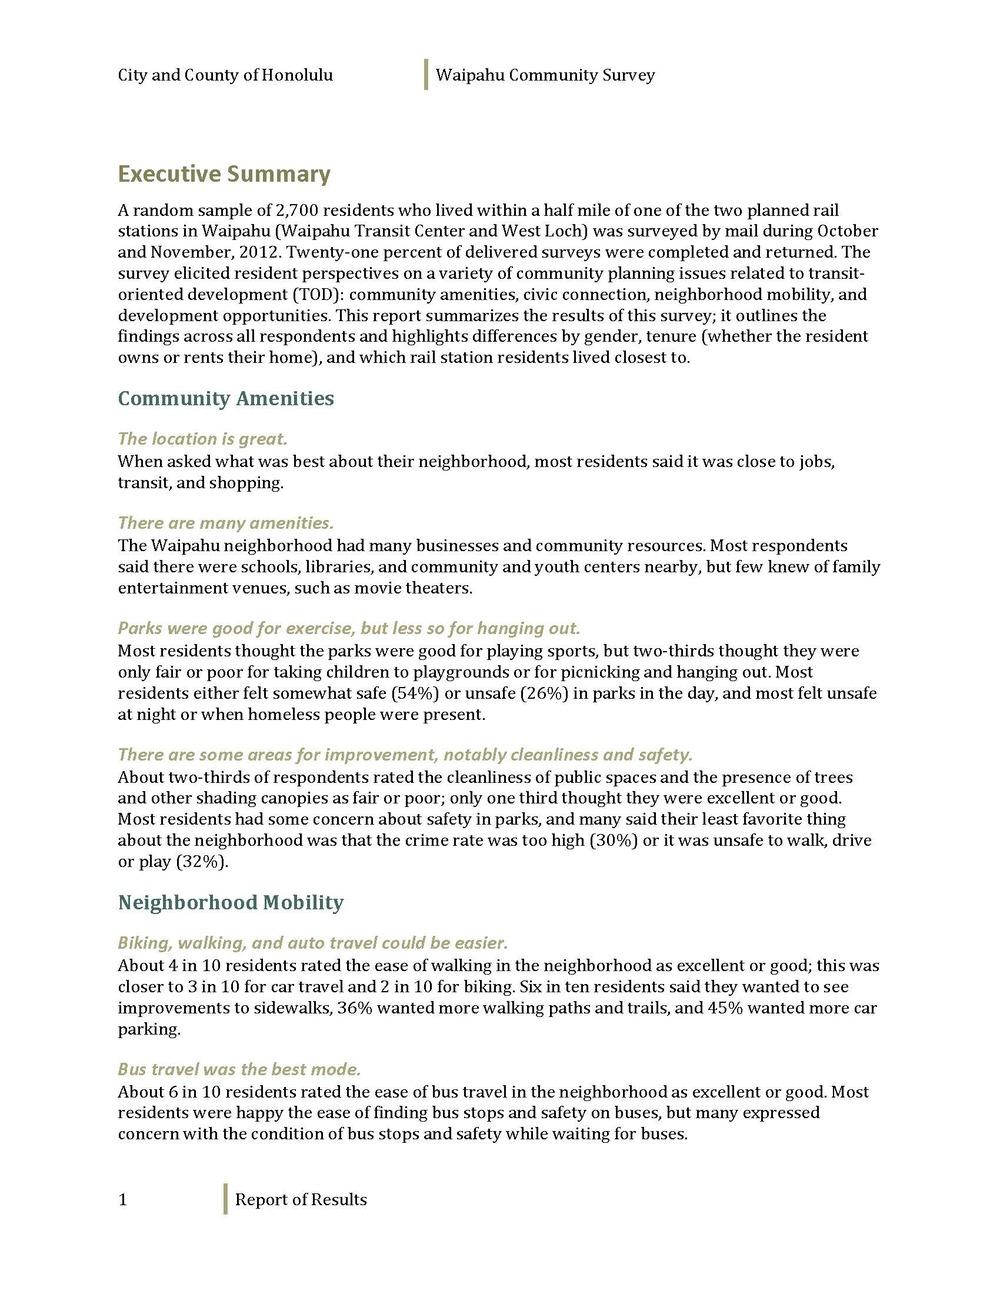 160608_WaipahuCommunitySurvey_Dec2012_Page_003.jpg